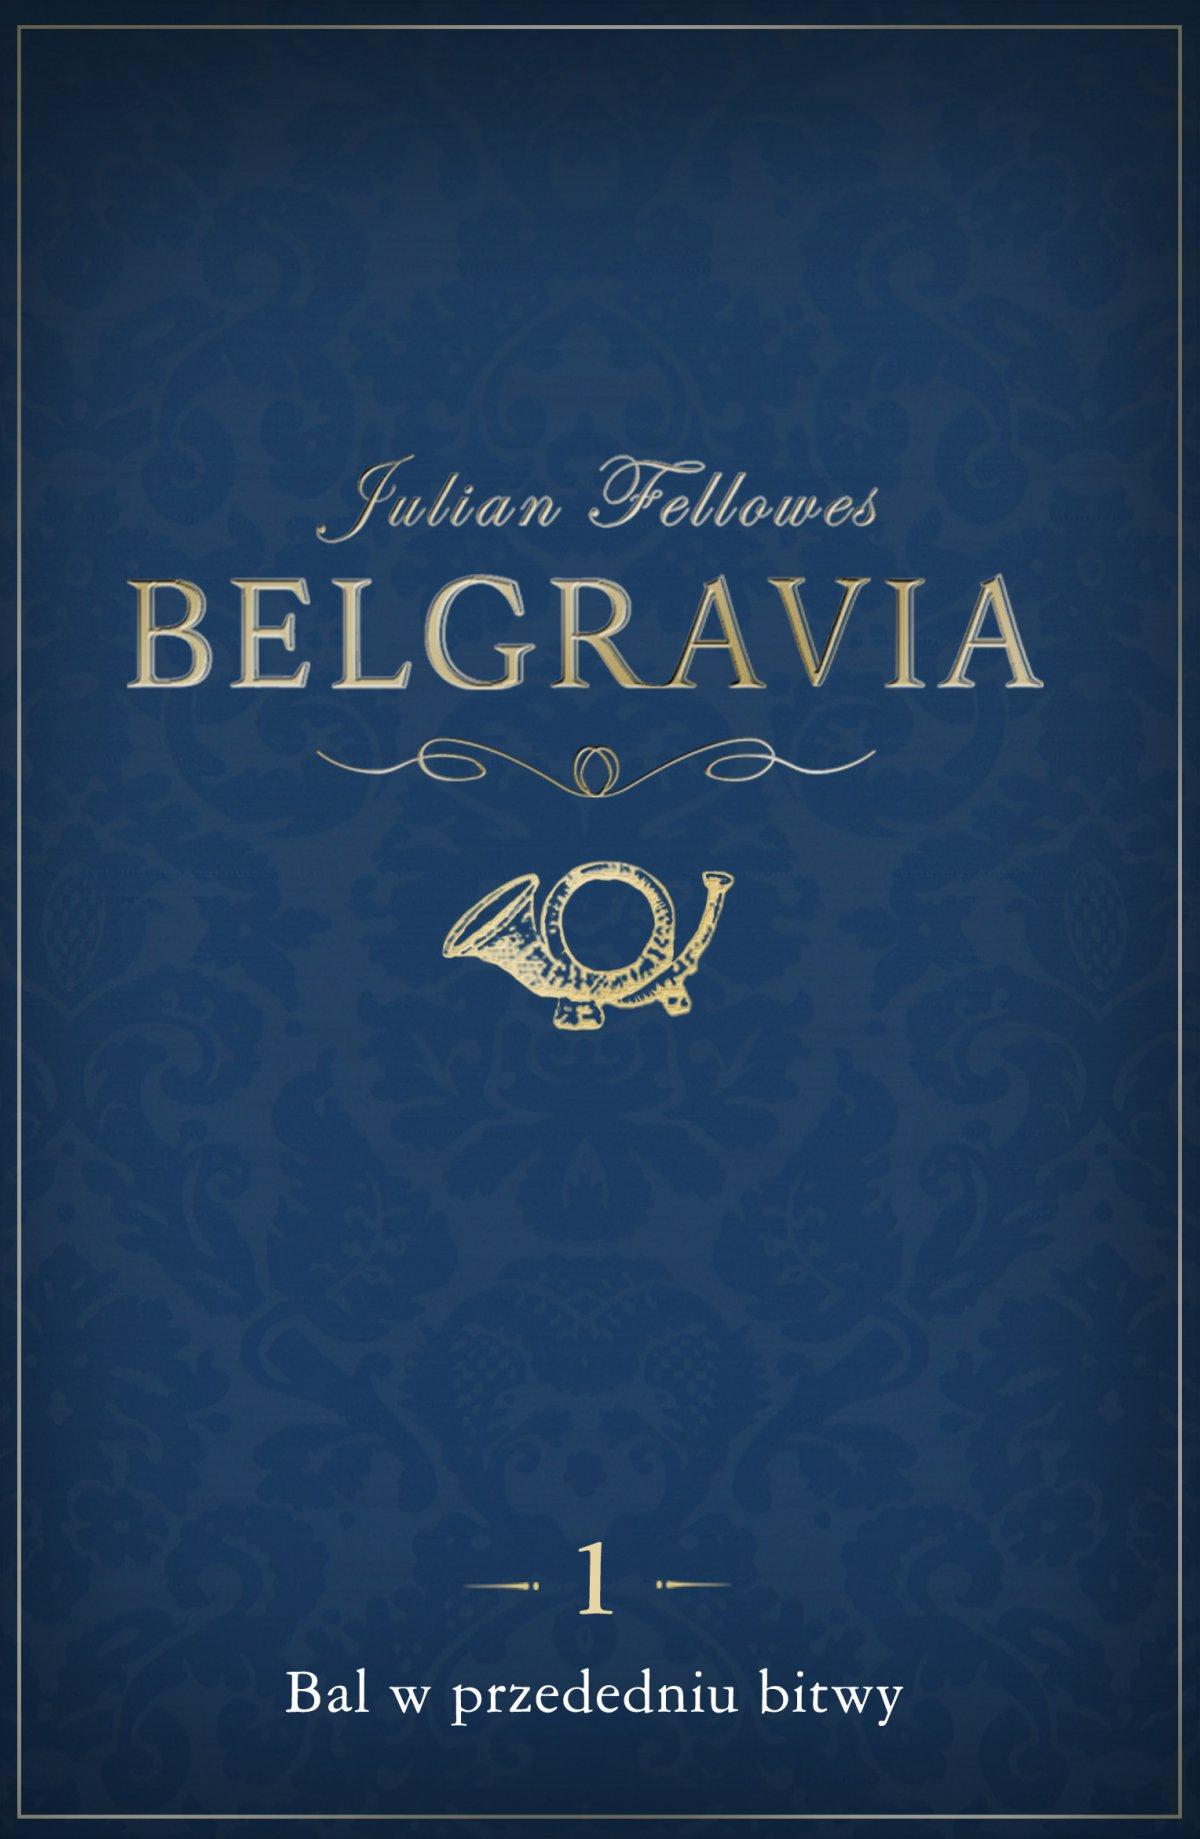 Belgravia Bal w przededniu bitwy. Odcinek 1 - Ebook (Książka na Kindle) do pobrania w formacie MOBI